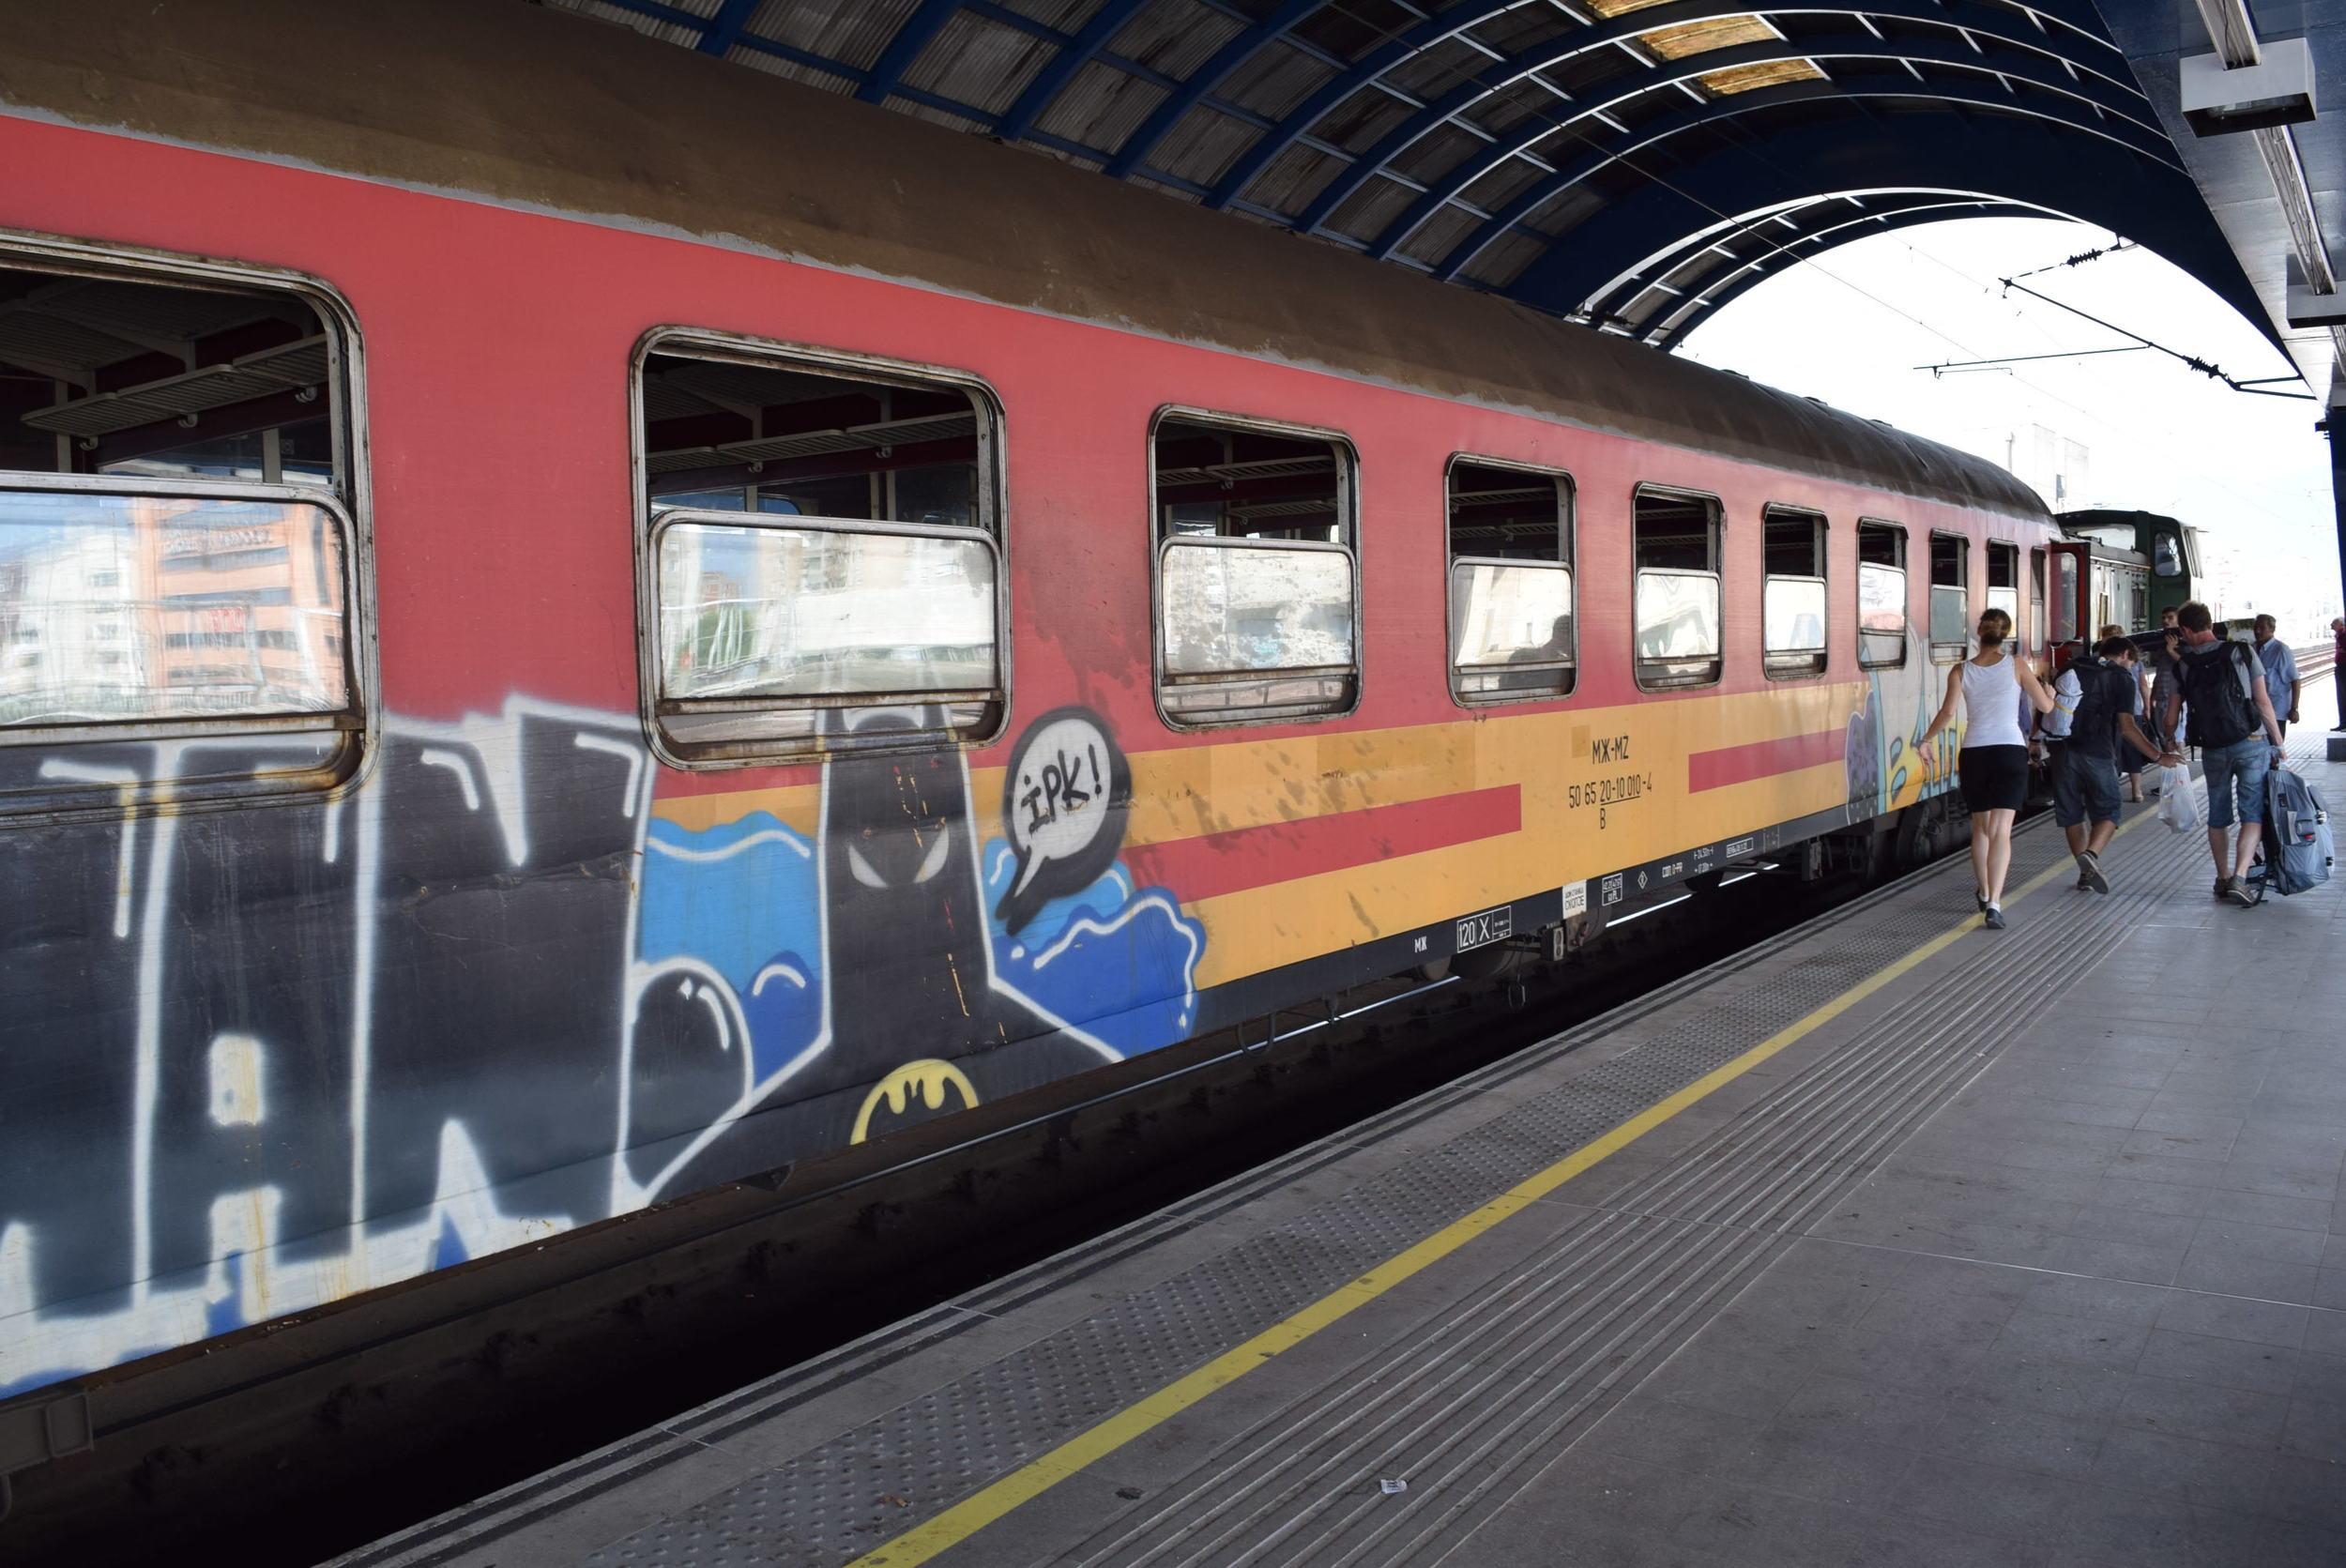 The train from Skopje